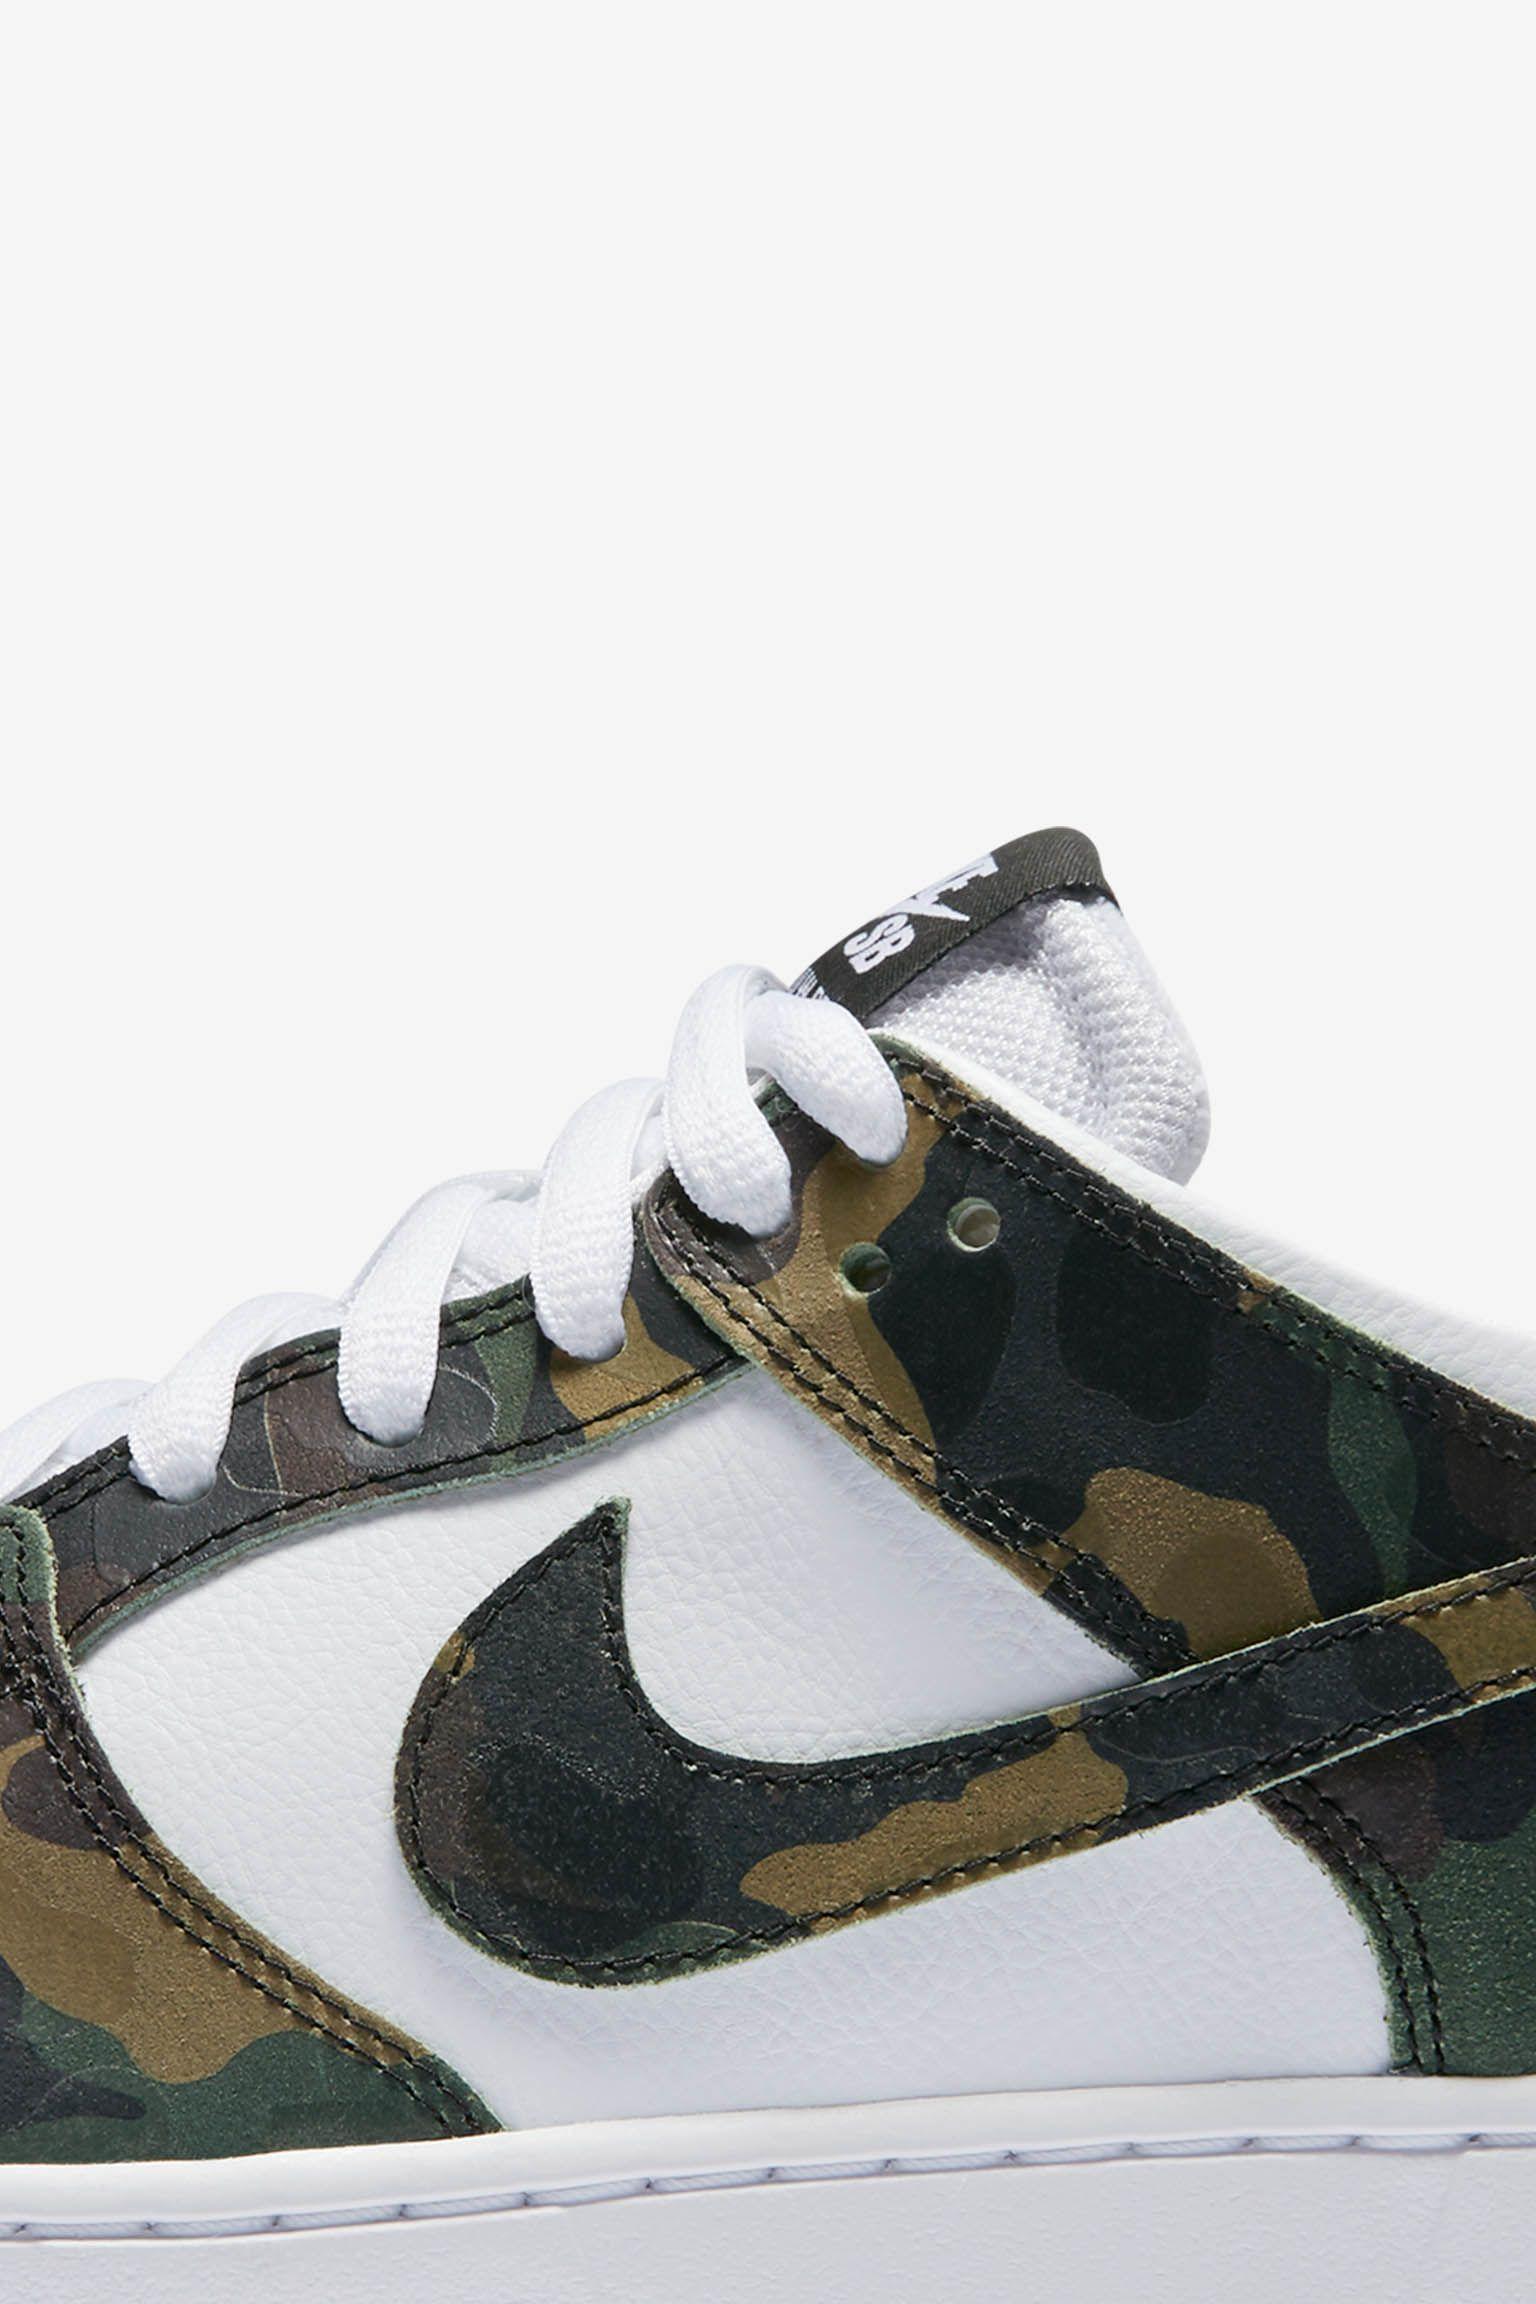 Nike Dunk Low SB Pro 'Camo Green'